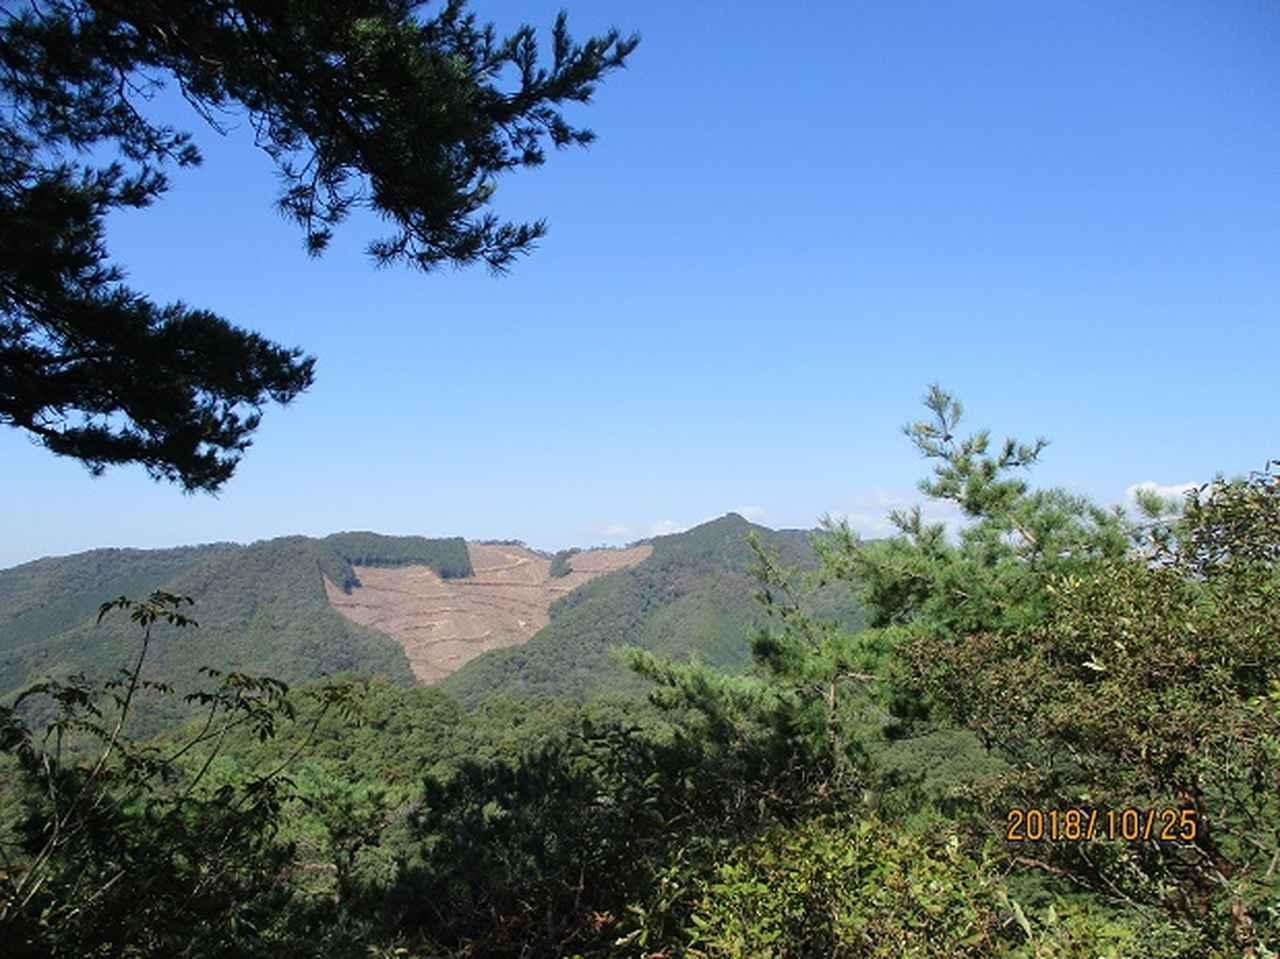 画像4: 【山旅会・登山ガイドこだわりツアー】岡田ガイドからの便り・足利行道山ツアーにいってまいりました!